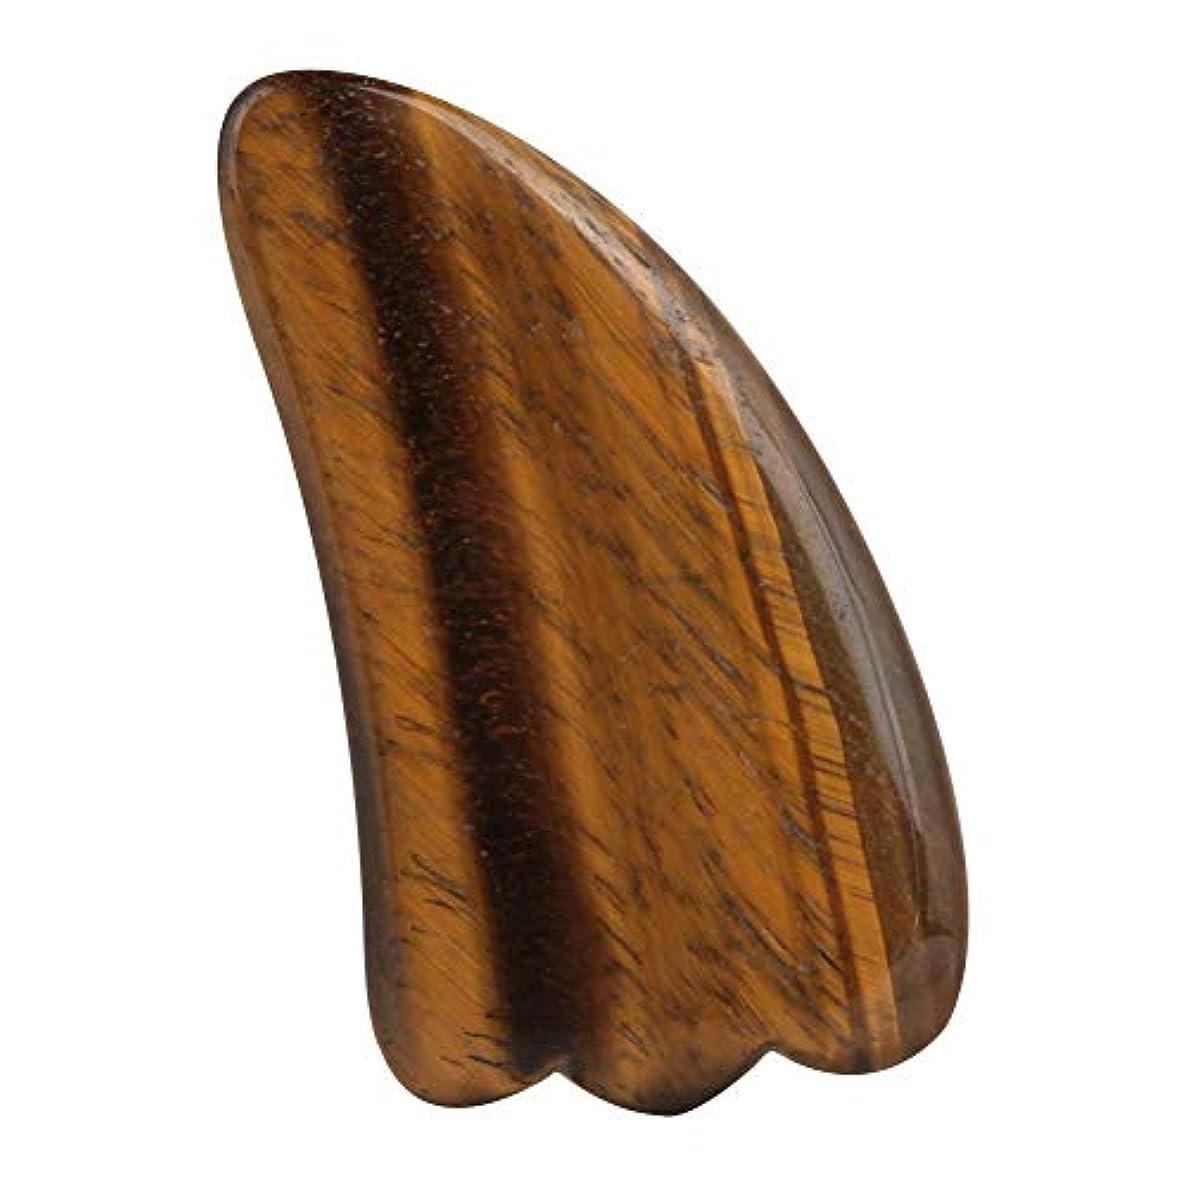 以来ナイトスポット抜本的なGua Sha Board for Pain Relief、Natural Tigerite Scraping Plate Board Jade Massager Body Massage Plate Scraping...